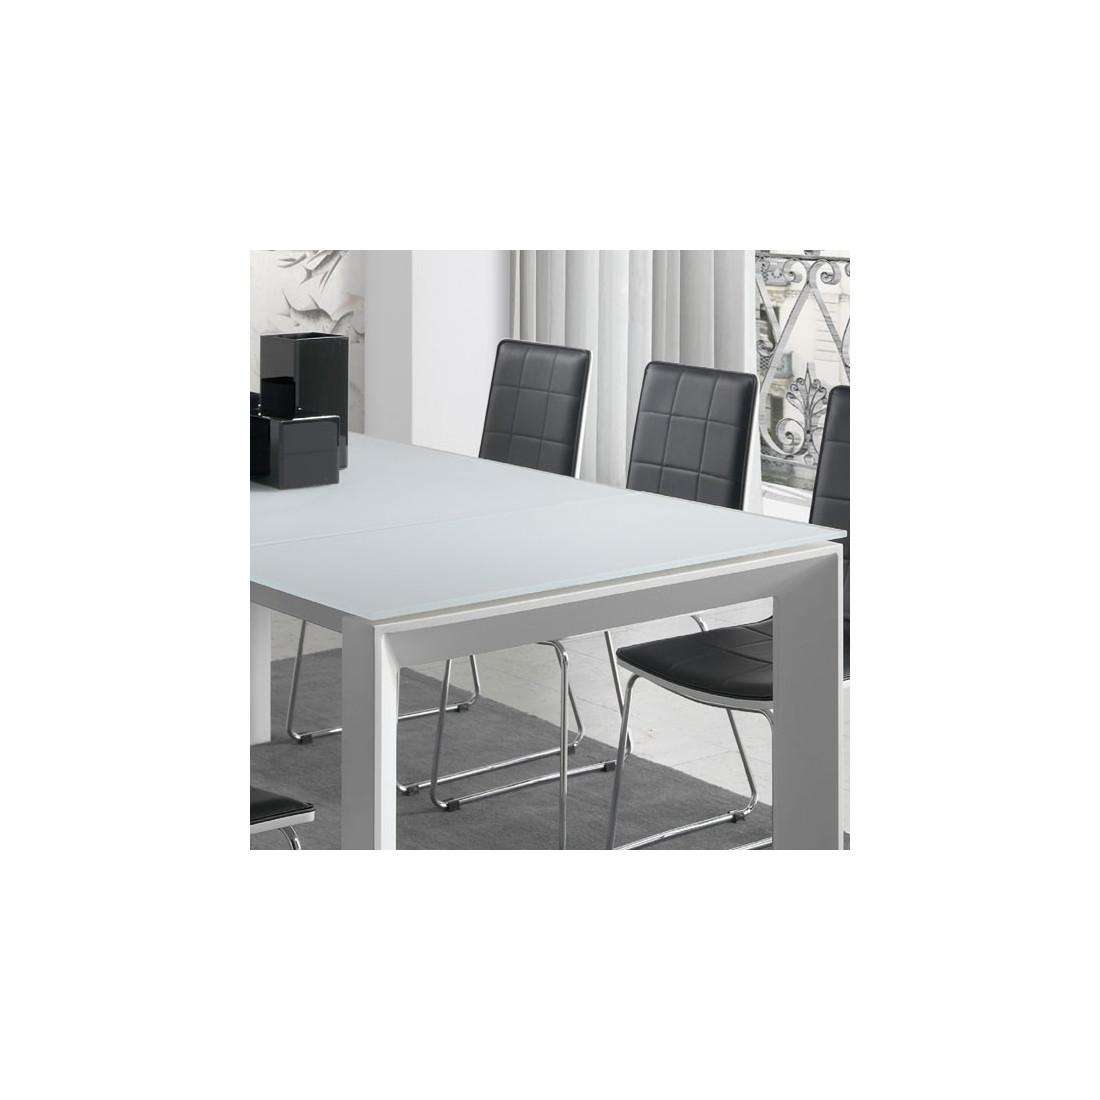 Table de repas allonge plateau verre givr blanc mista univers sam - Plateau de table blanc laque ...